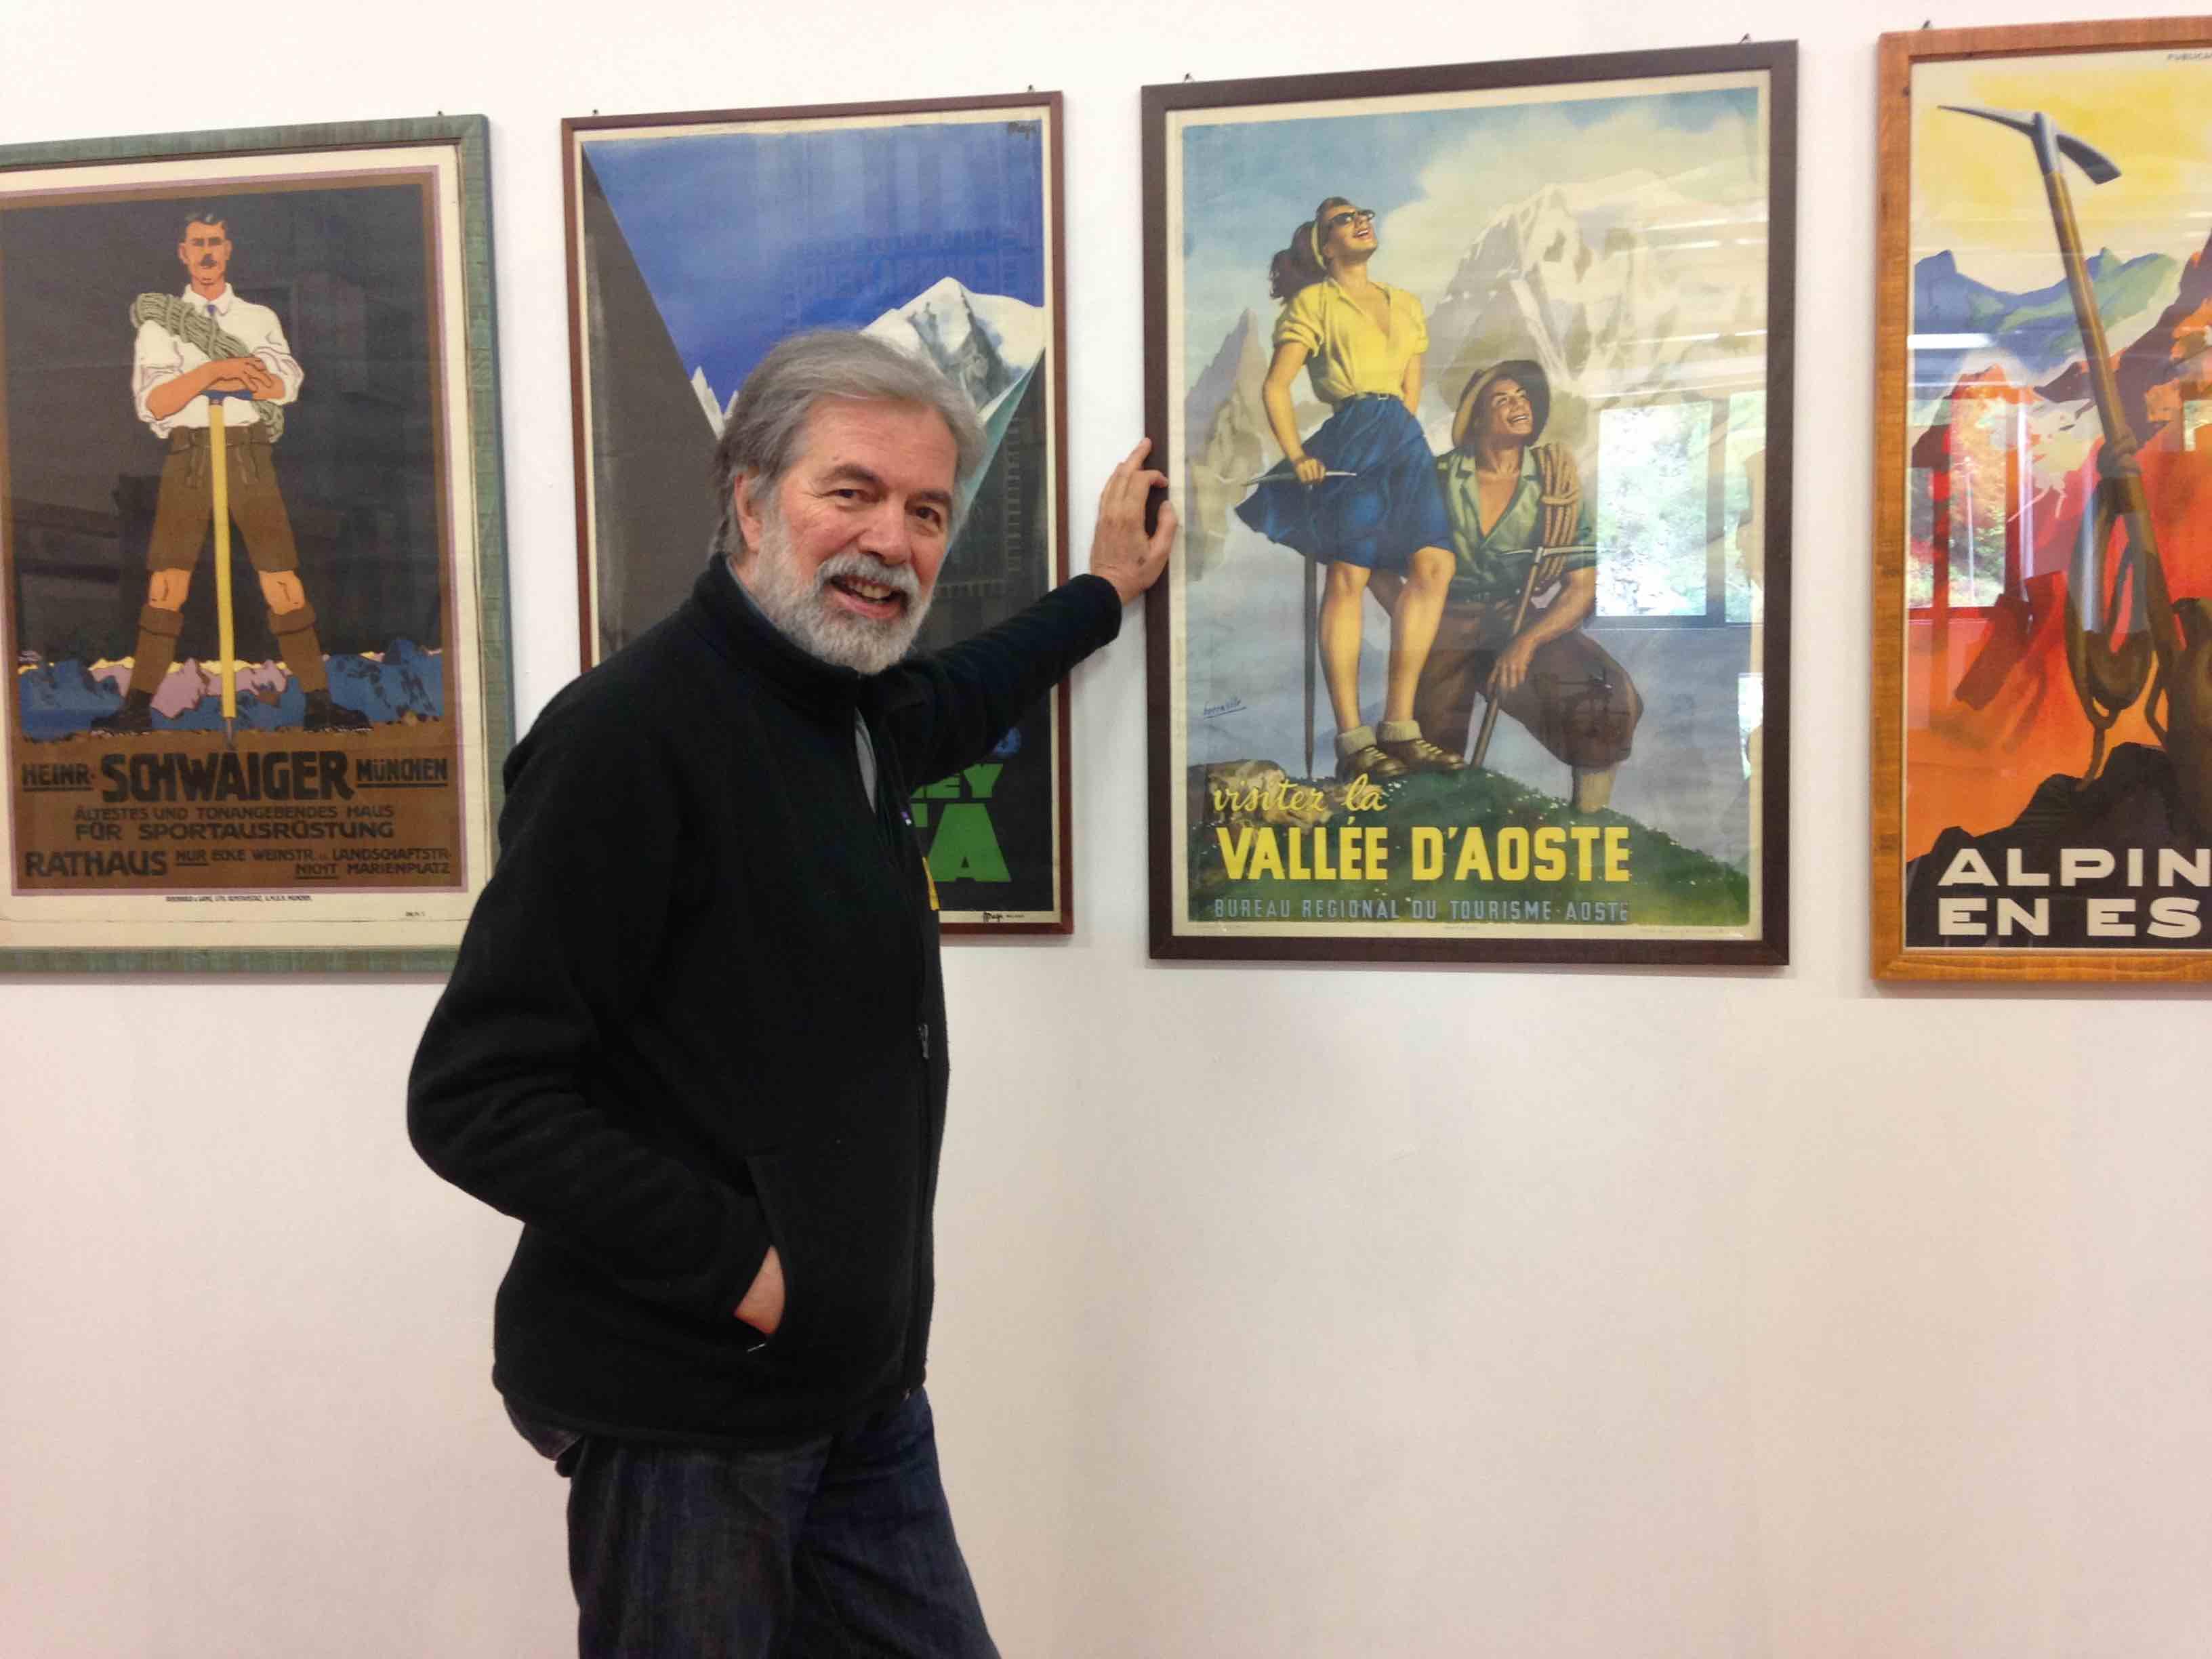 Gioachino Gobbi, dal 1981 a capo della ditta Grivel, nella fase di allestimento dell'Espace Grivel a Courmayeur